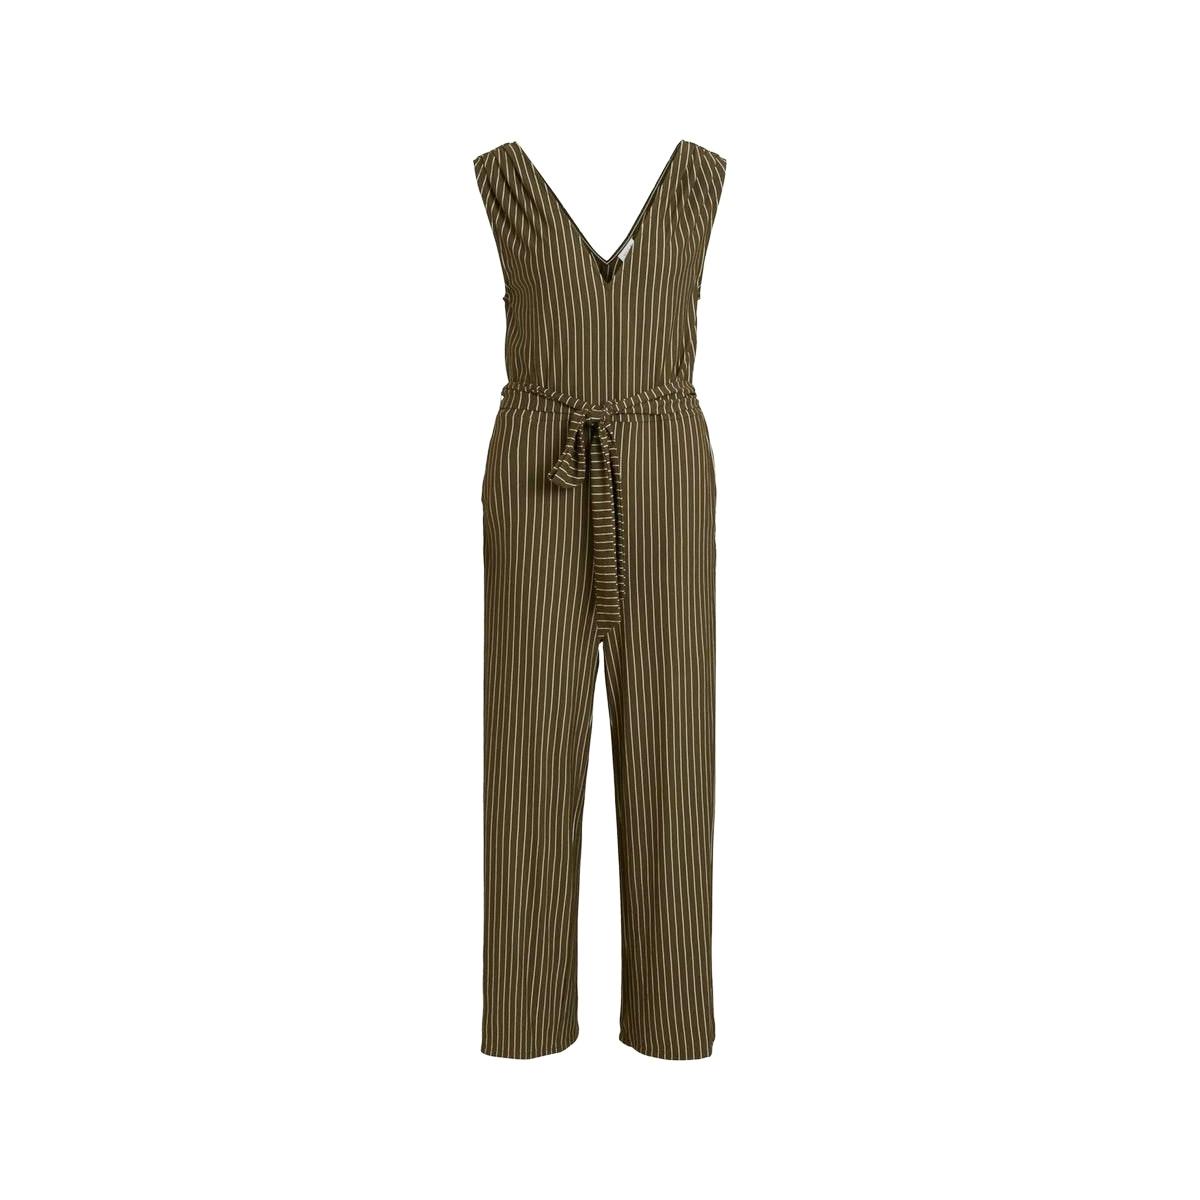 viluina s/l 7/8 jumpsuit 14057576 vila jumpsuit dark olive/cloud danc